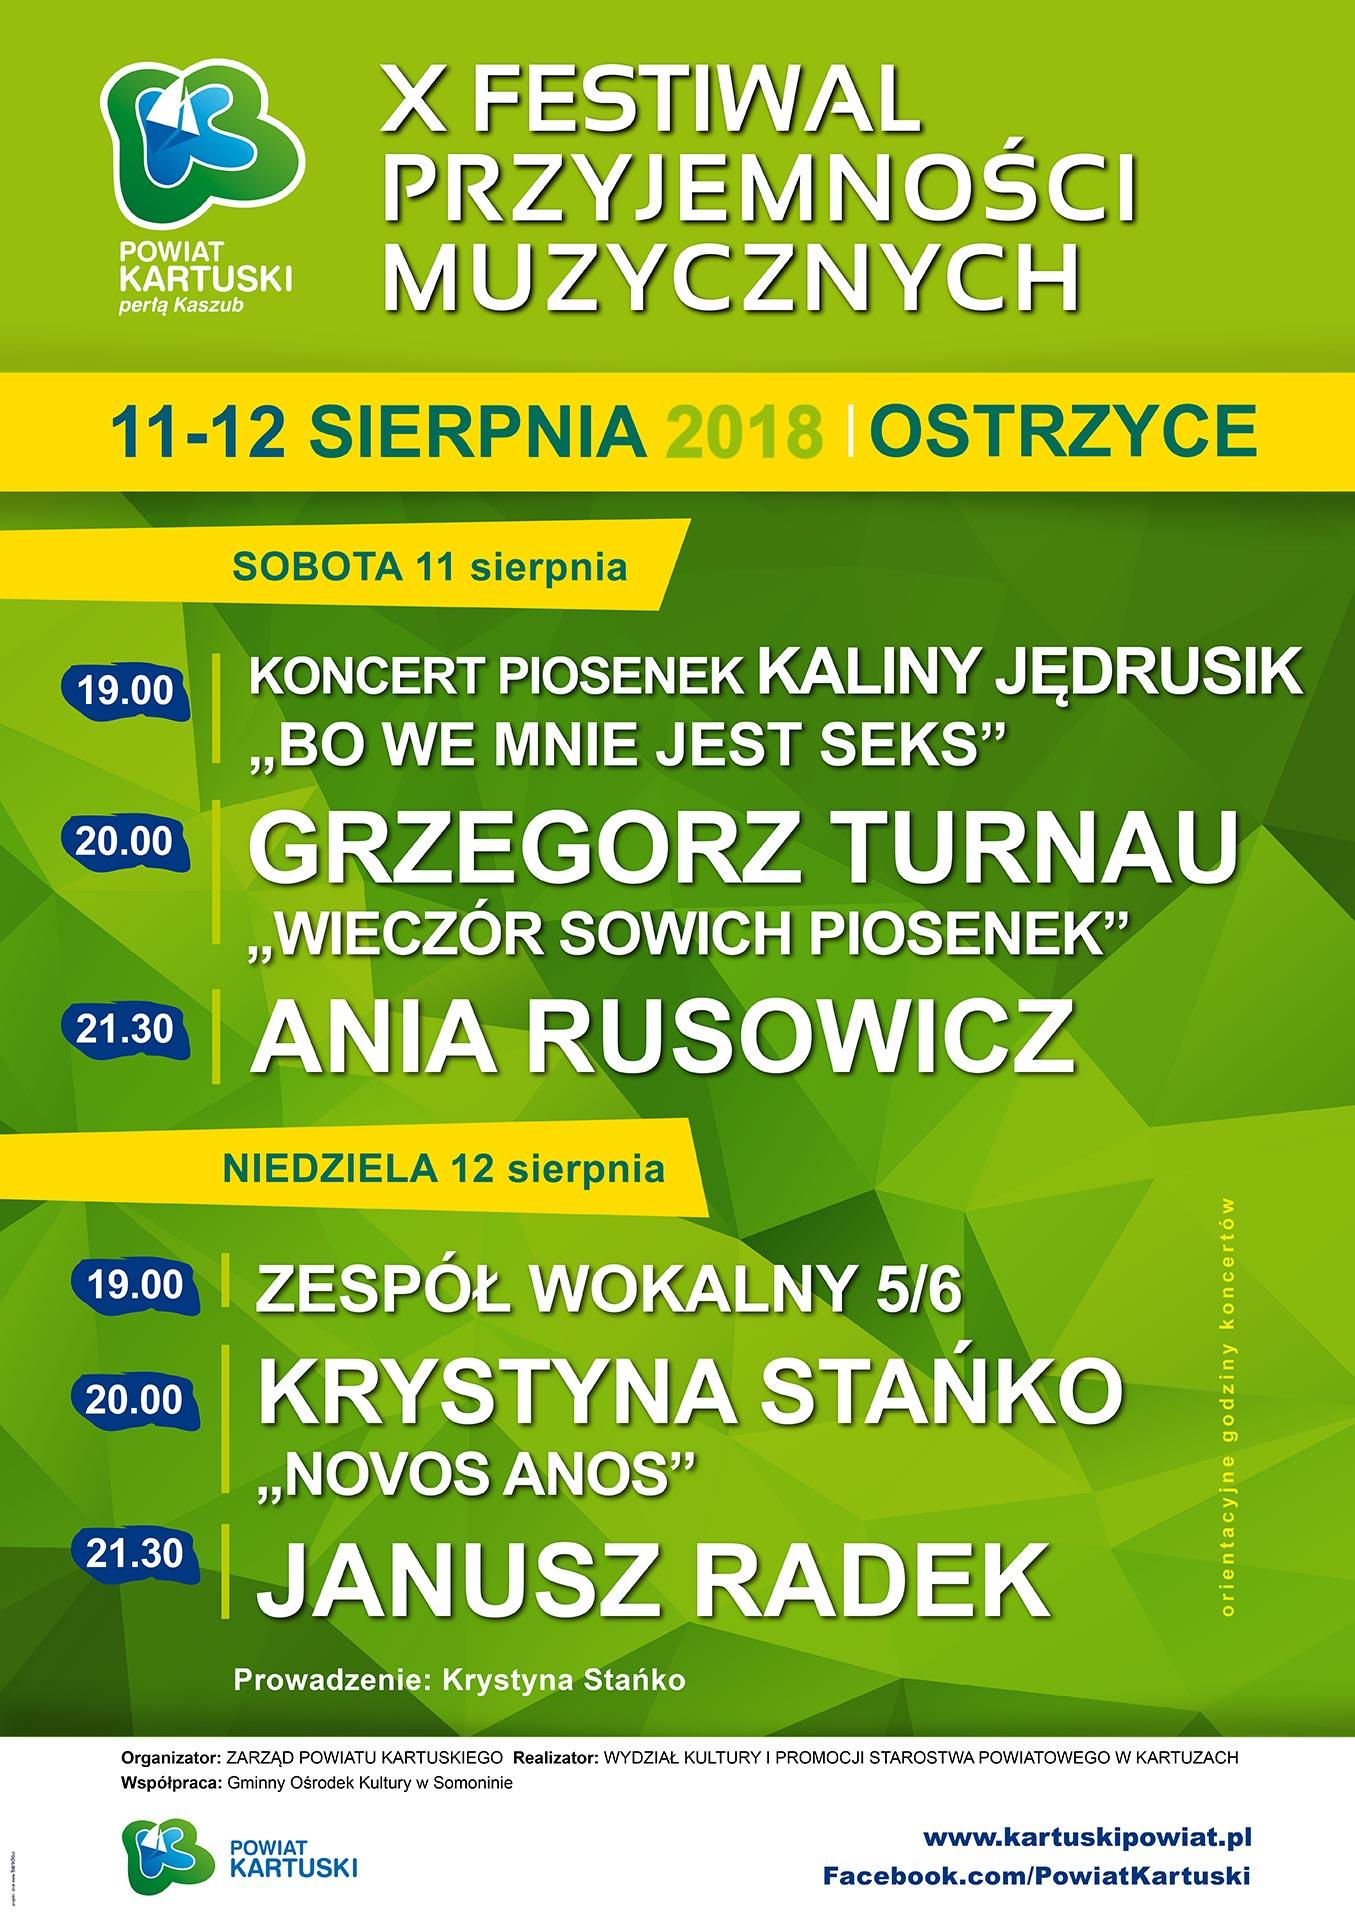 X Festiwal Przyjemności Muzycznych - Ostrzyce